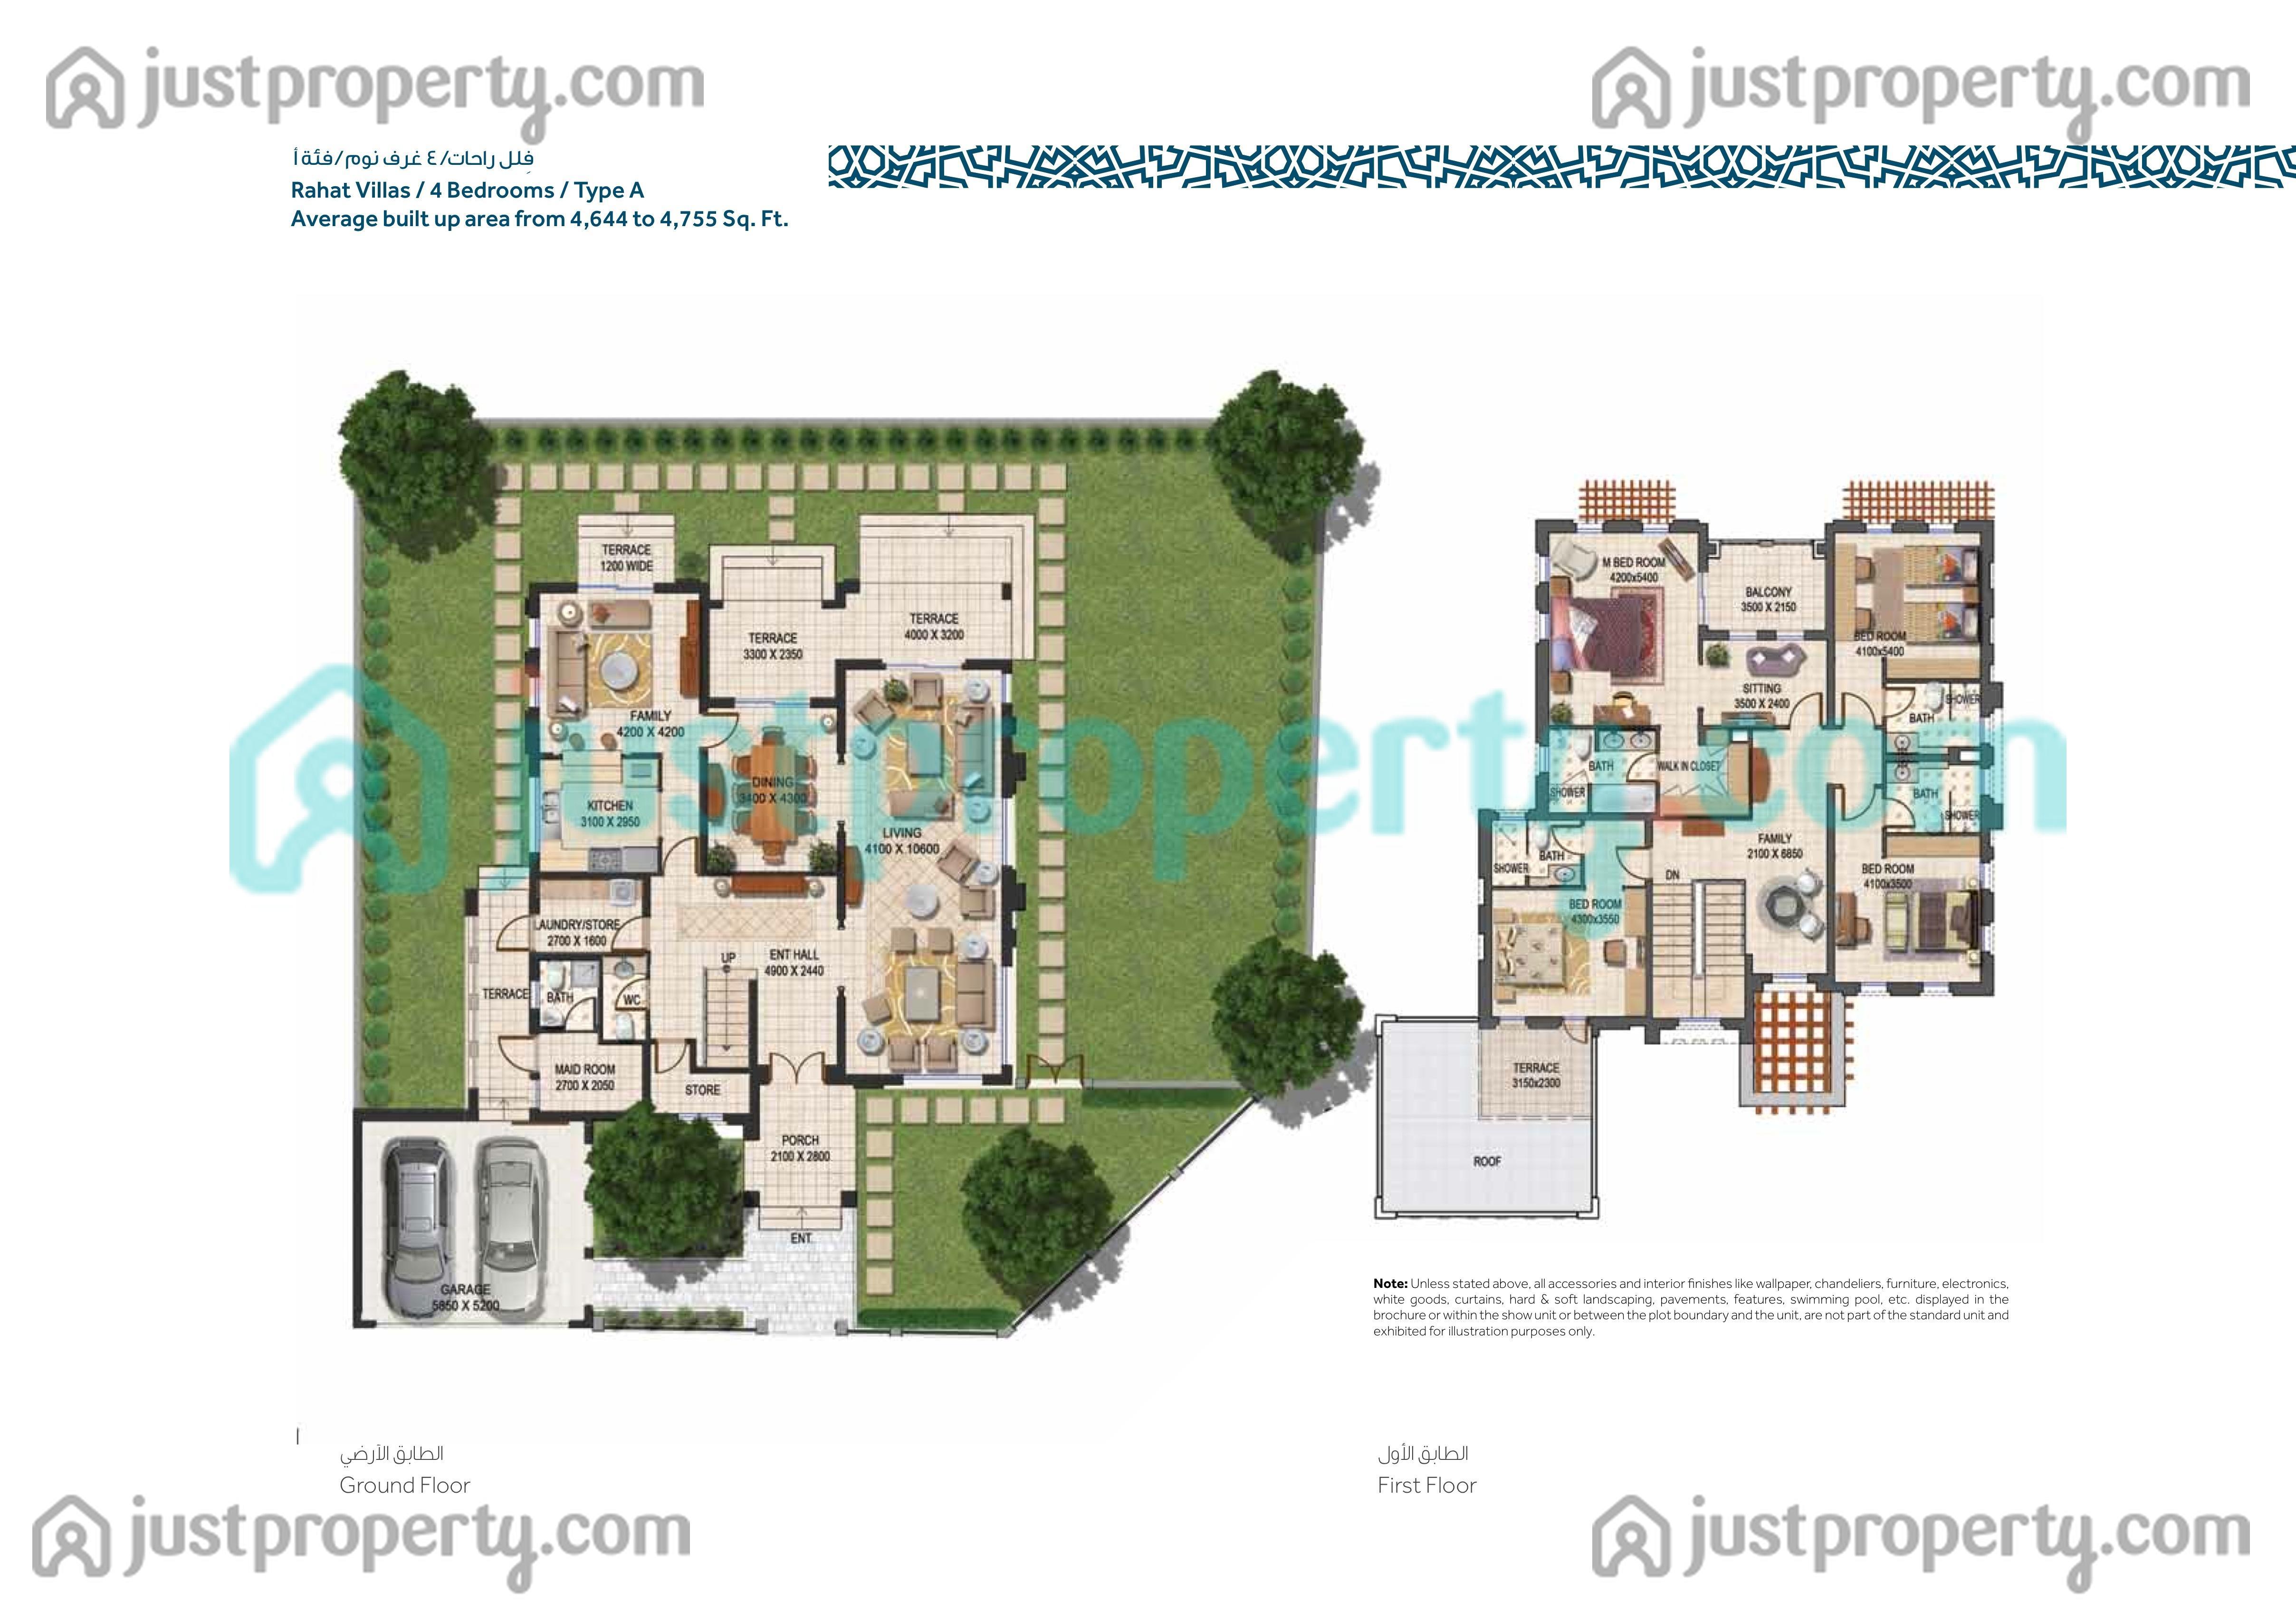 Lovely Floor Plans For Mudon Rahat Villas